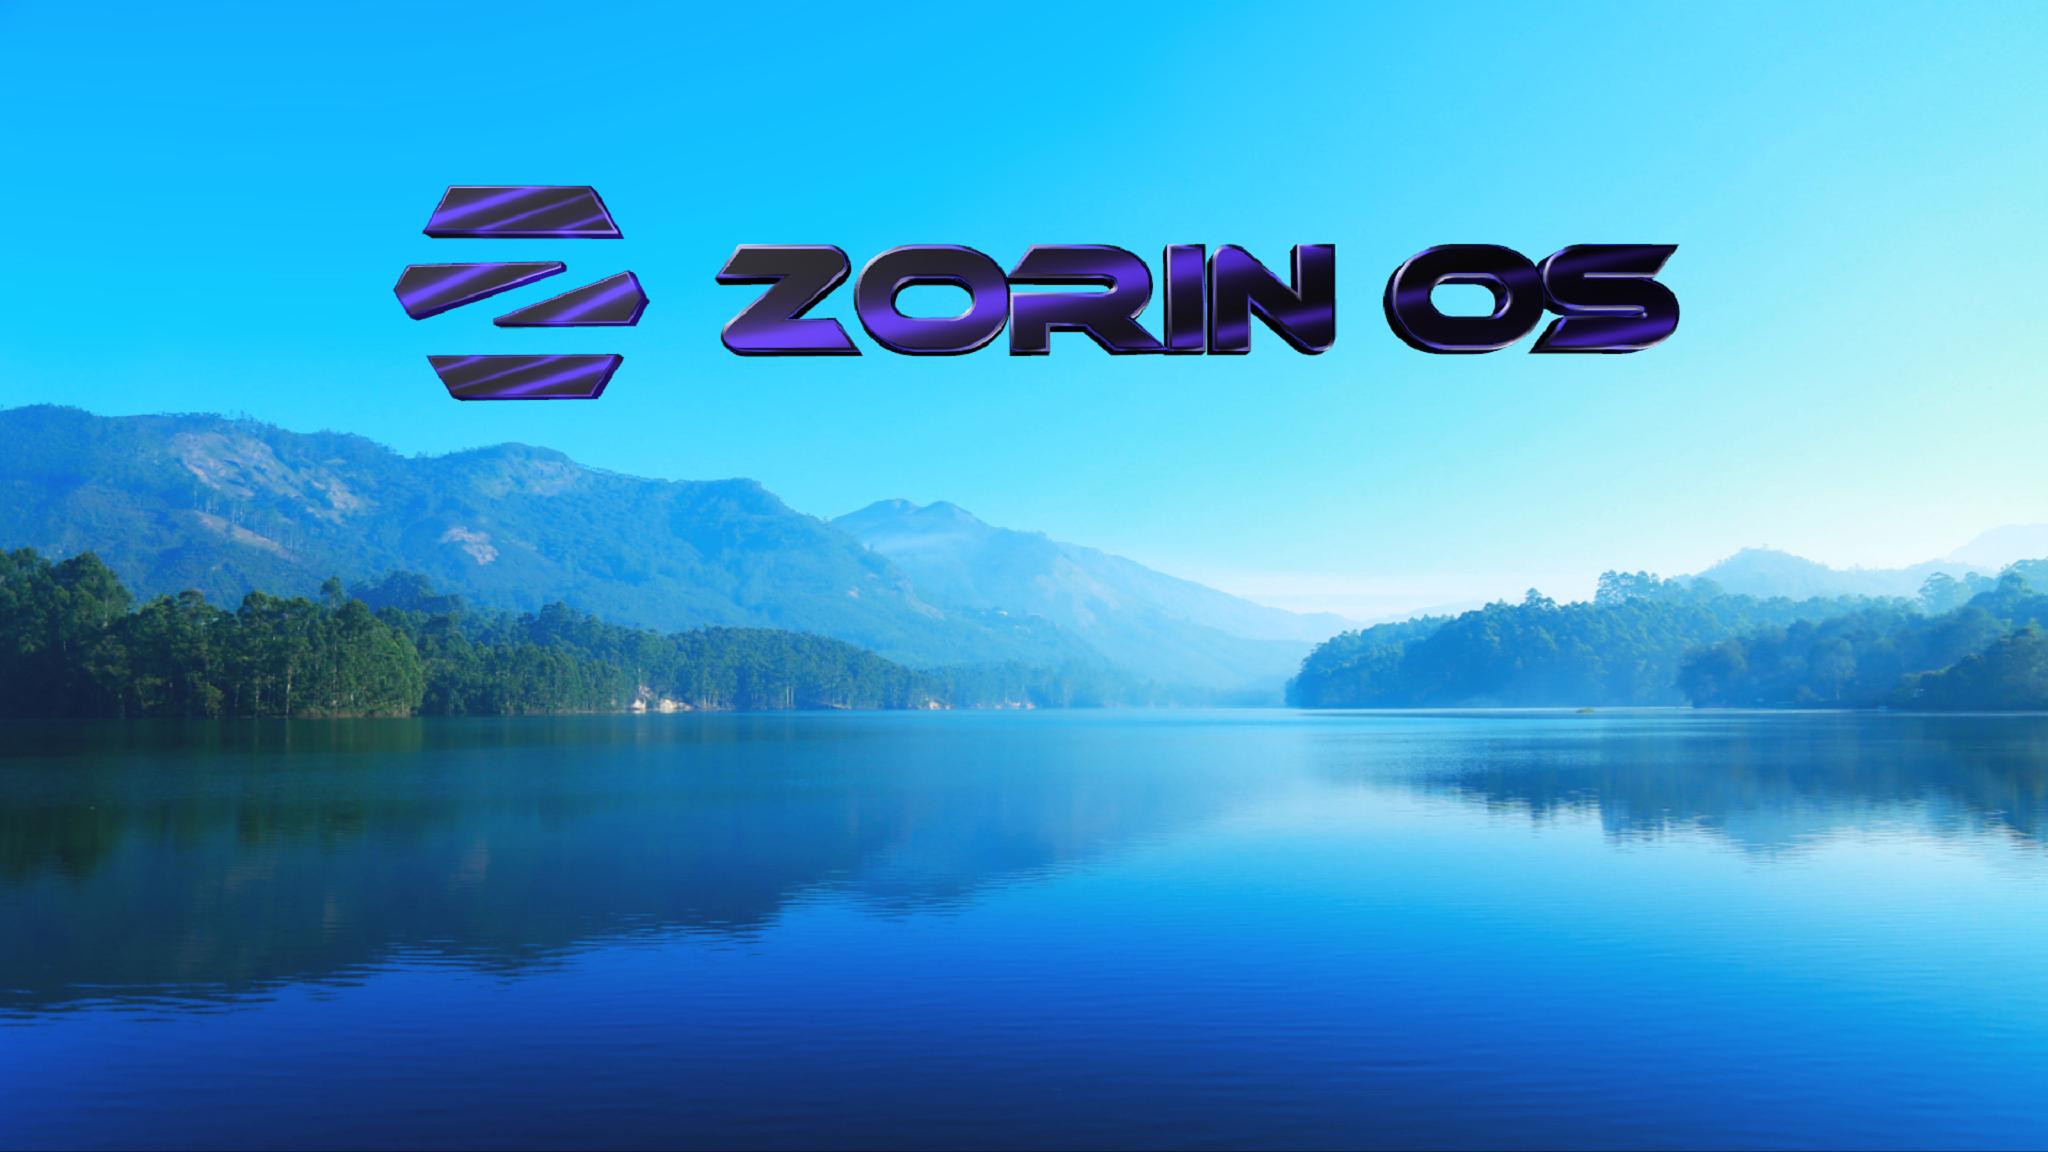 Zorin Linux Wallpaper